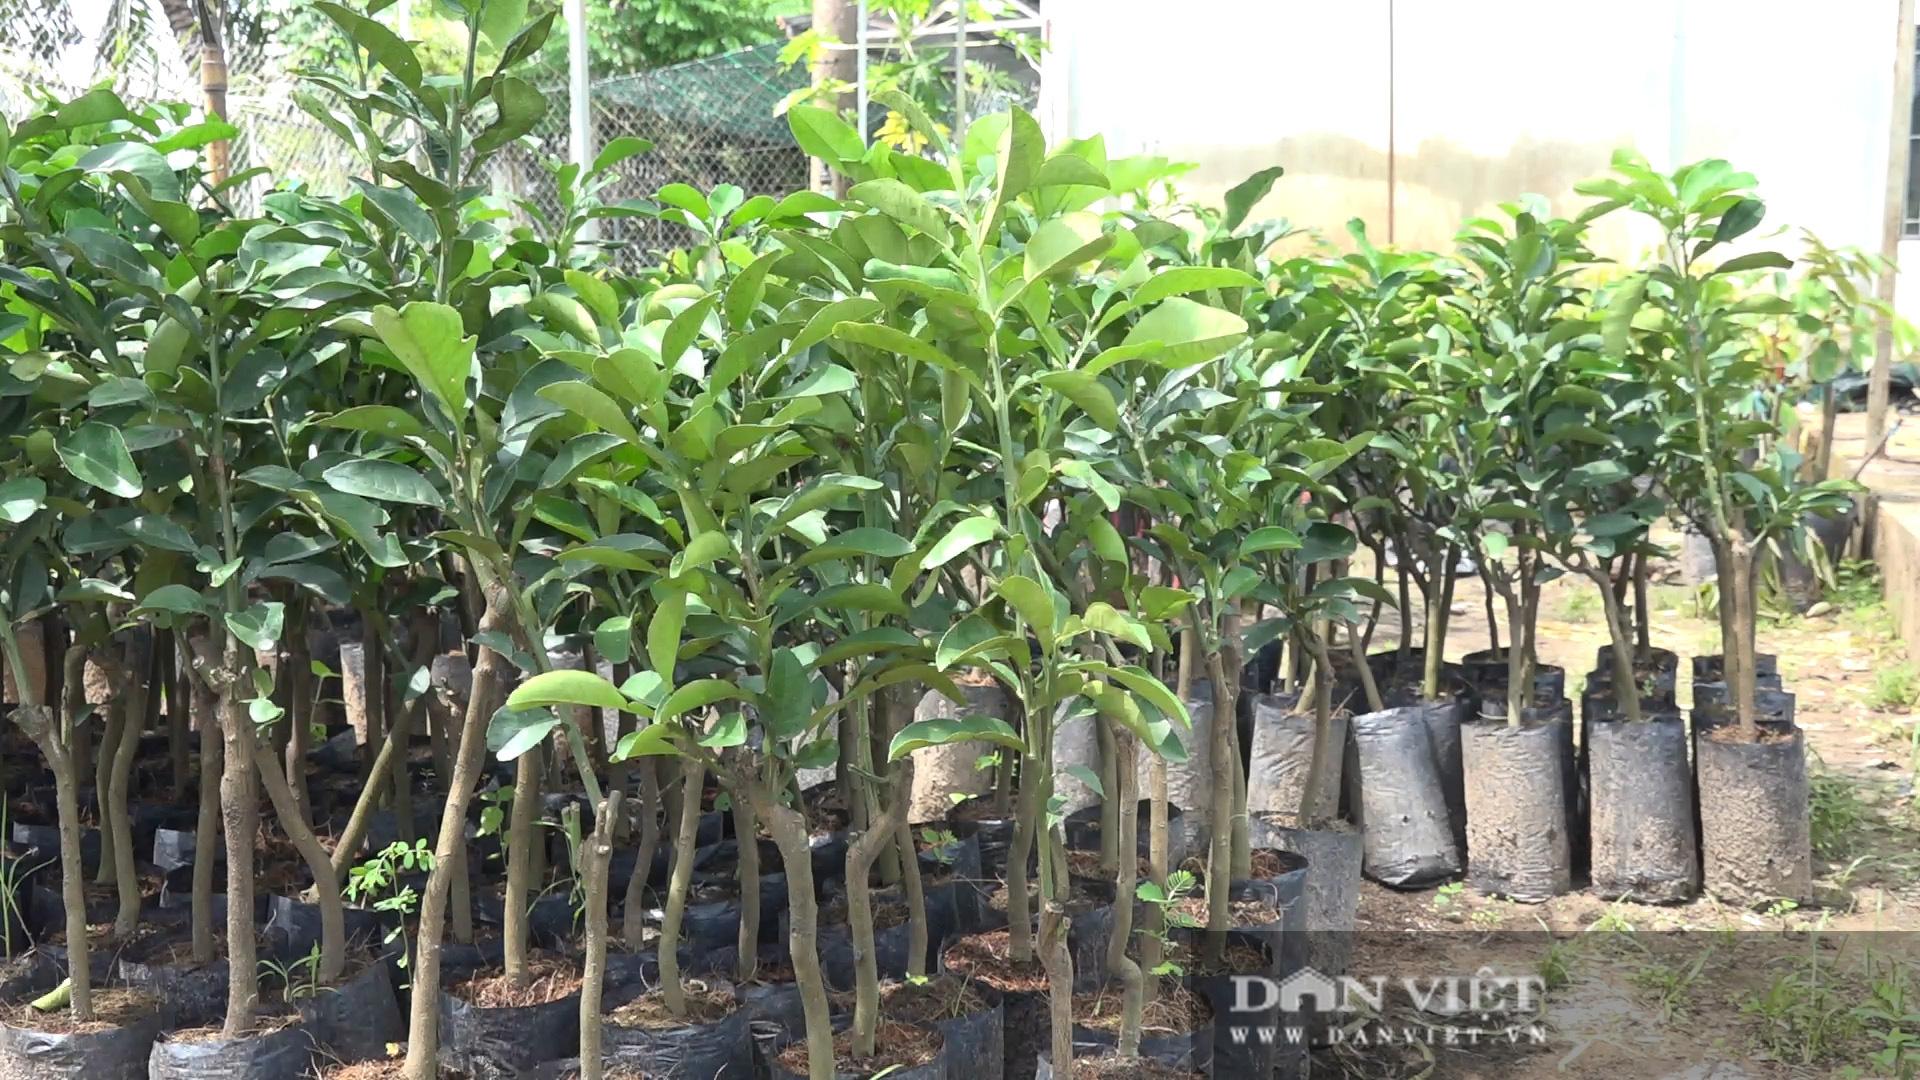 Hậu Giang: Người dân được giao giống bưởi Năm Roi nhưng trồng ra trái bưởi Lông Cổ Cò, đơn vị cung cấp giống xin lỗi - Ảnh 6.